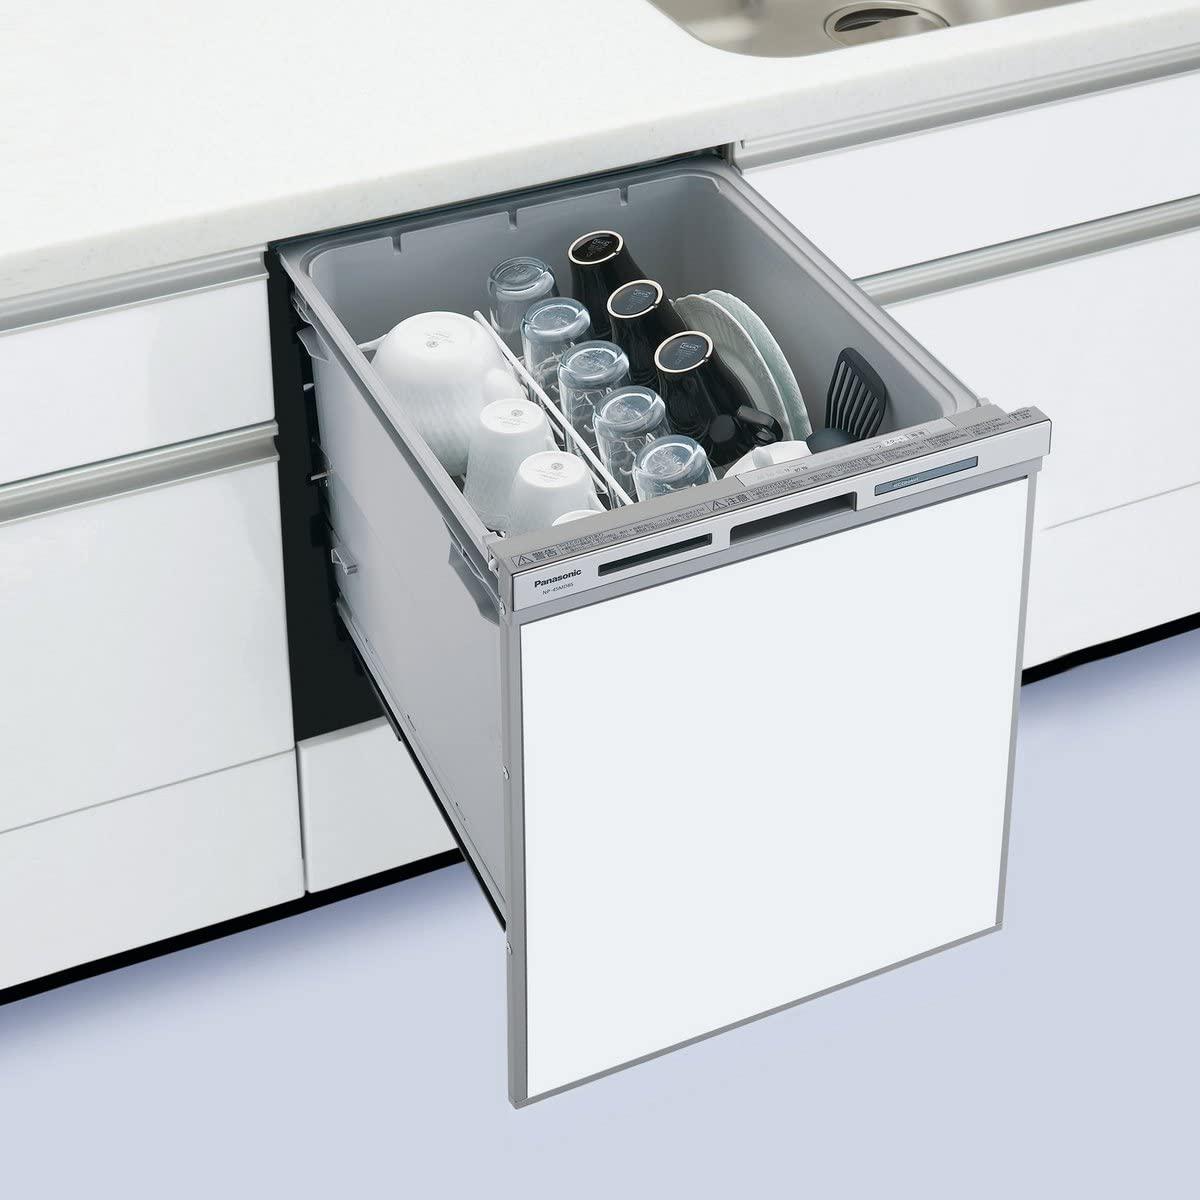 Panasonic(パナソニック) ビルトイン食器洗い乾燥機 NP-45MD8Sホワイトの商品画像2